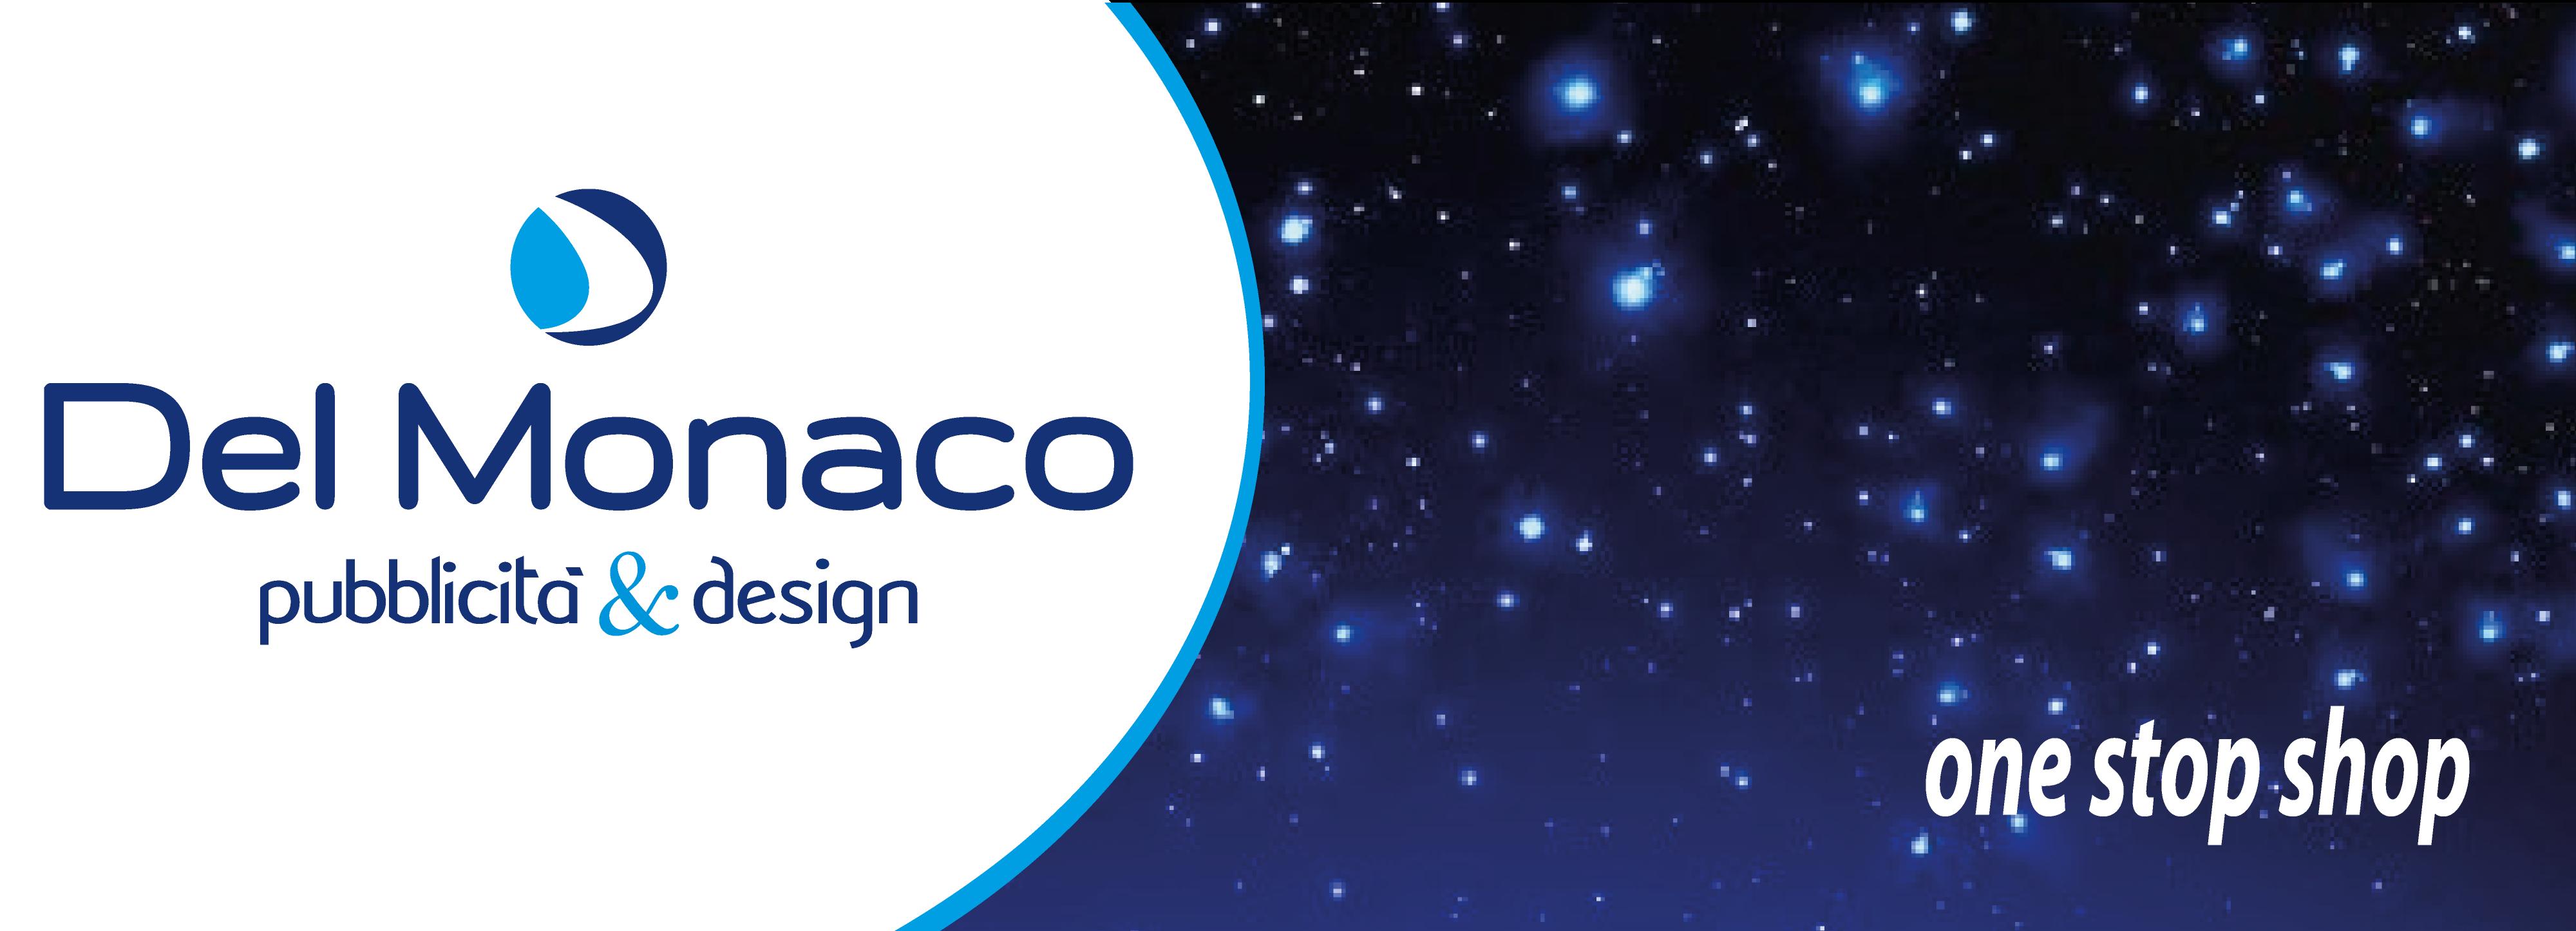 Del Monaco, pubblicità & design